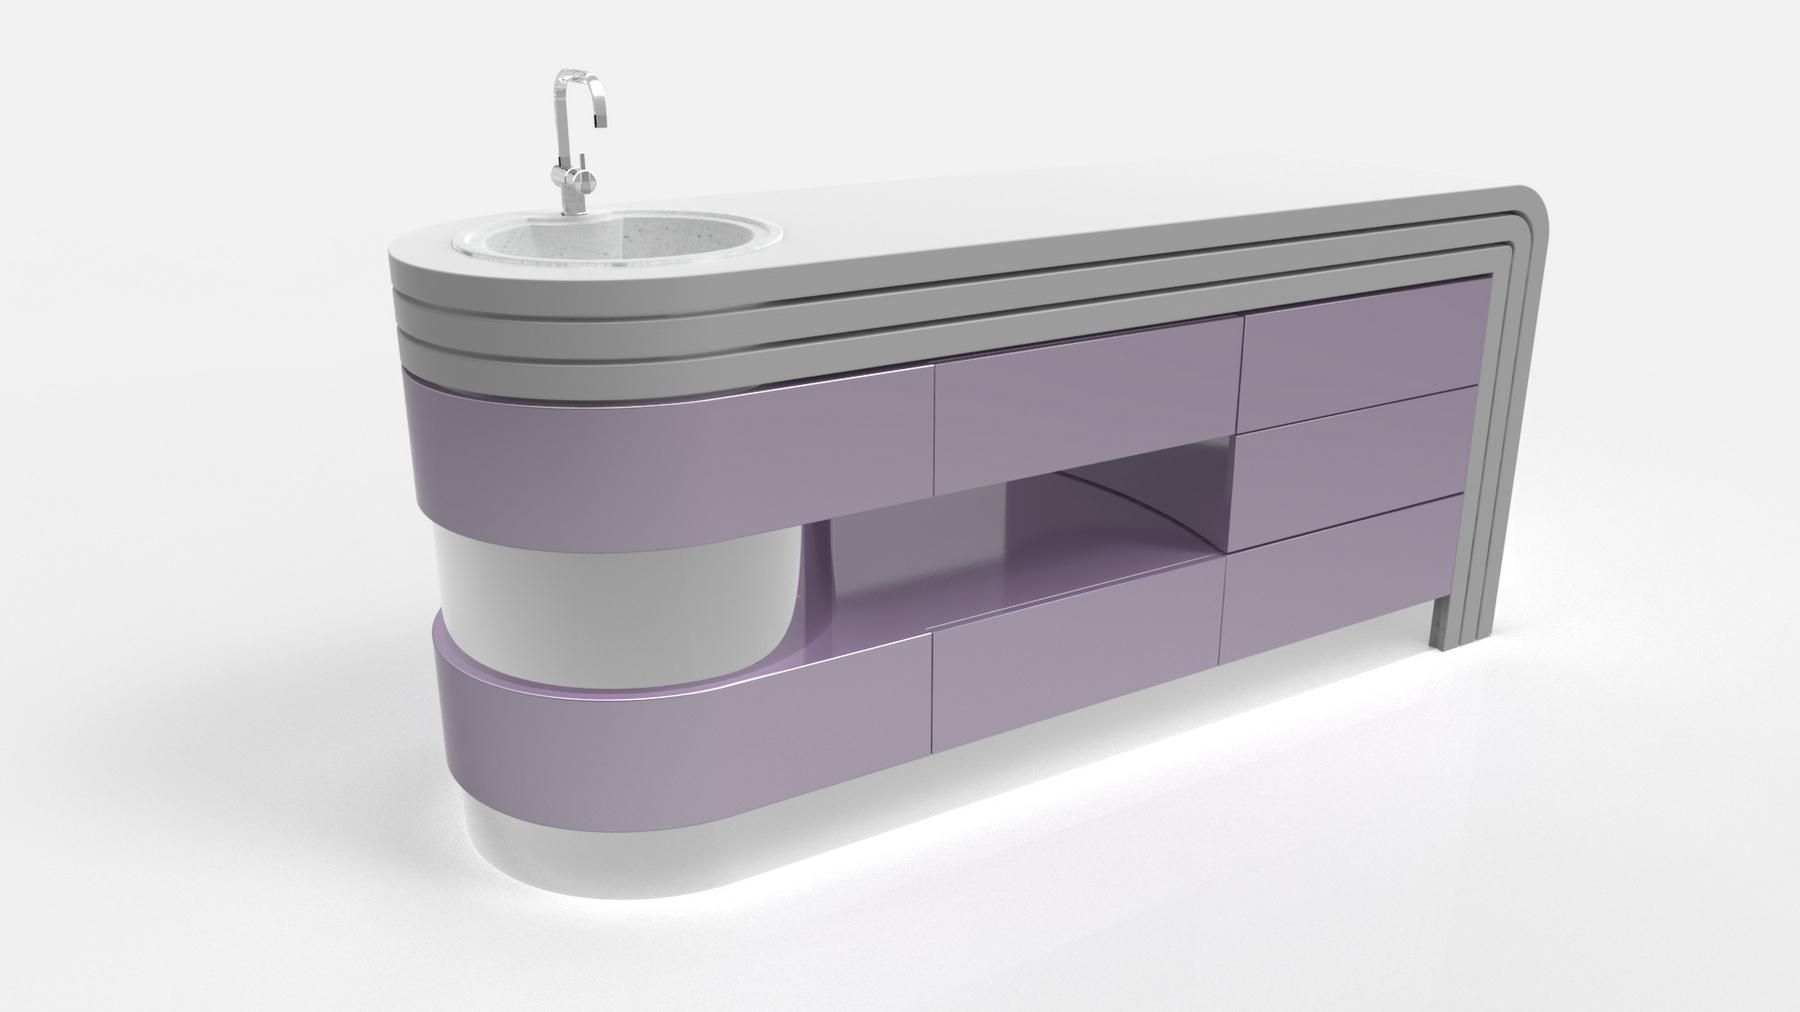 Фото красивого и функционального оформления интерьера кухни.мебель трансформер для кухни